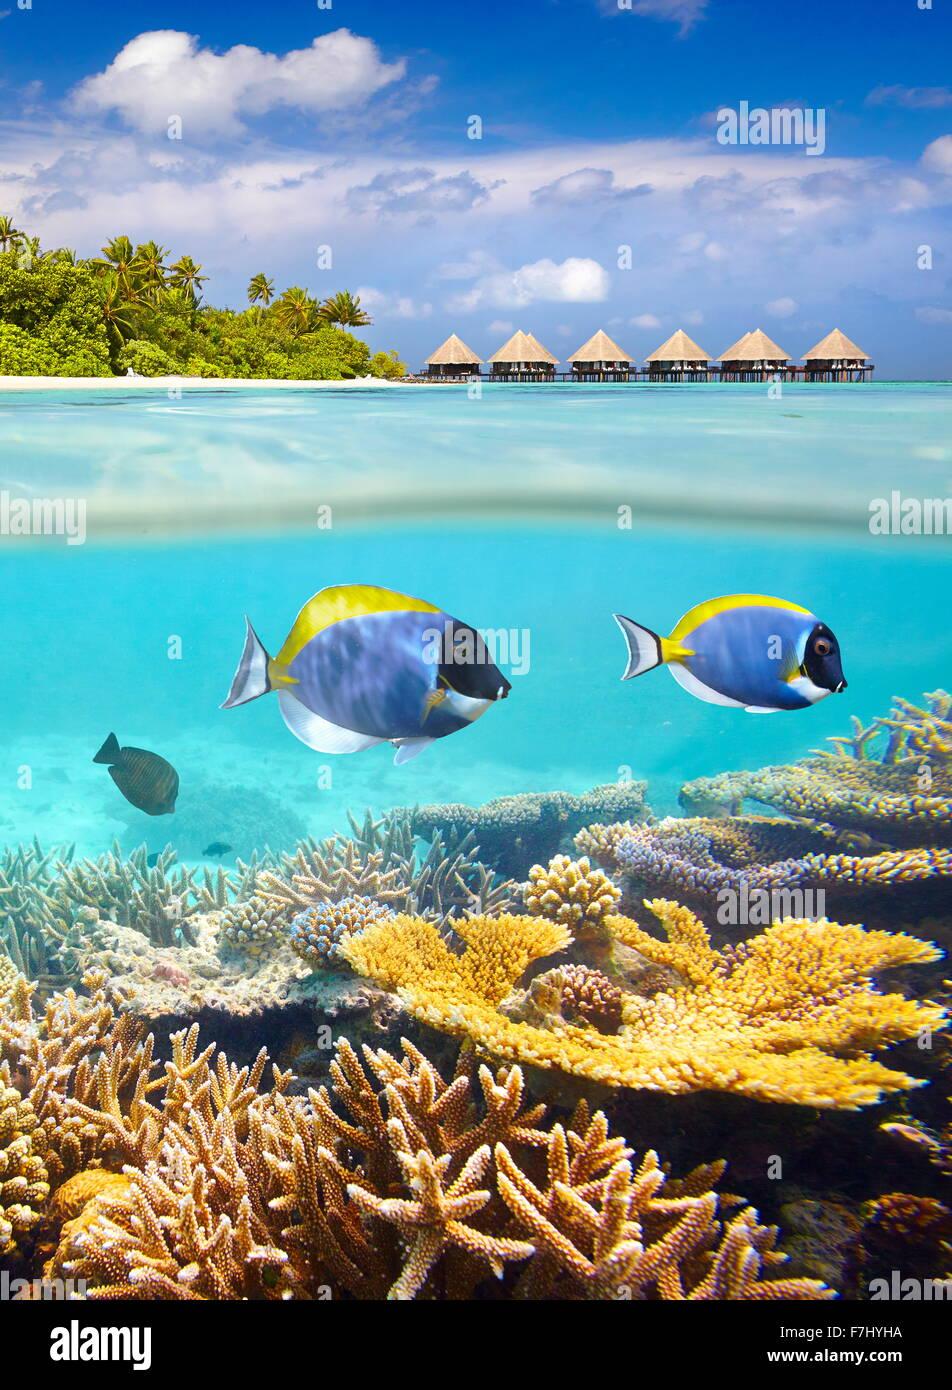 Îles Maldives - tropical vue sous-marine avec les poissons et le récif Photo Stock